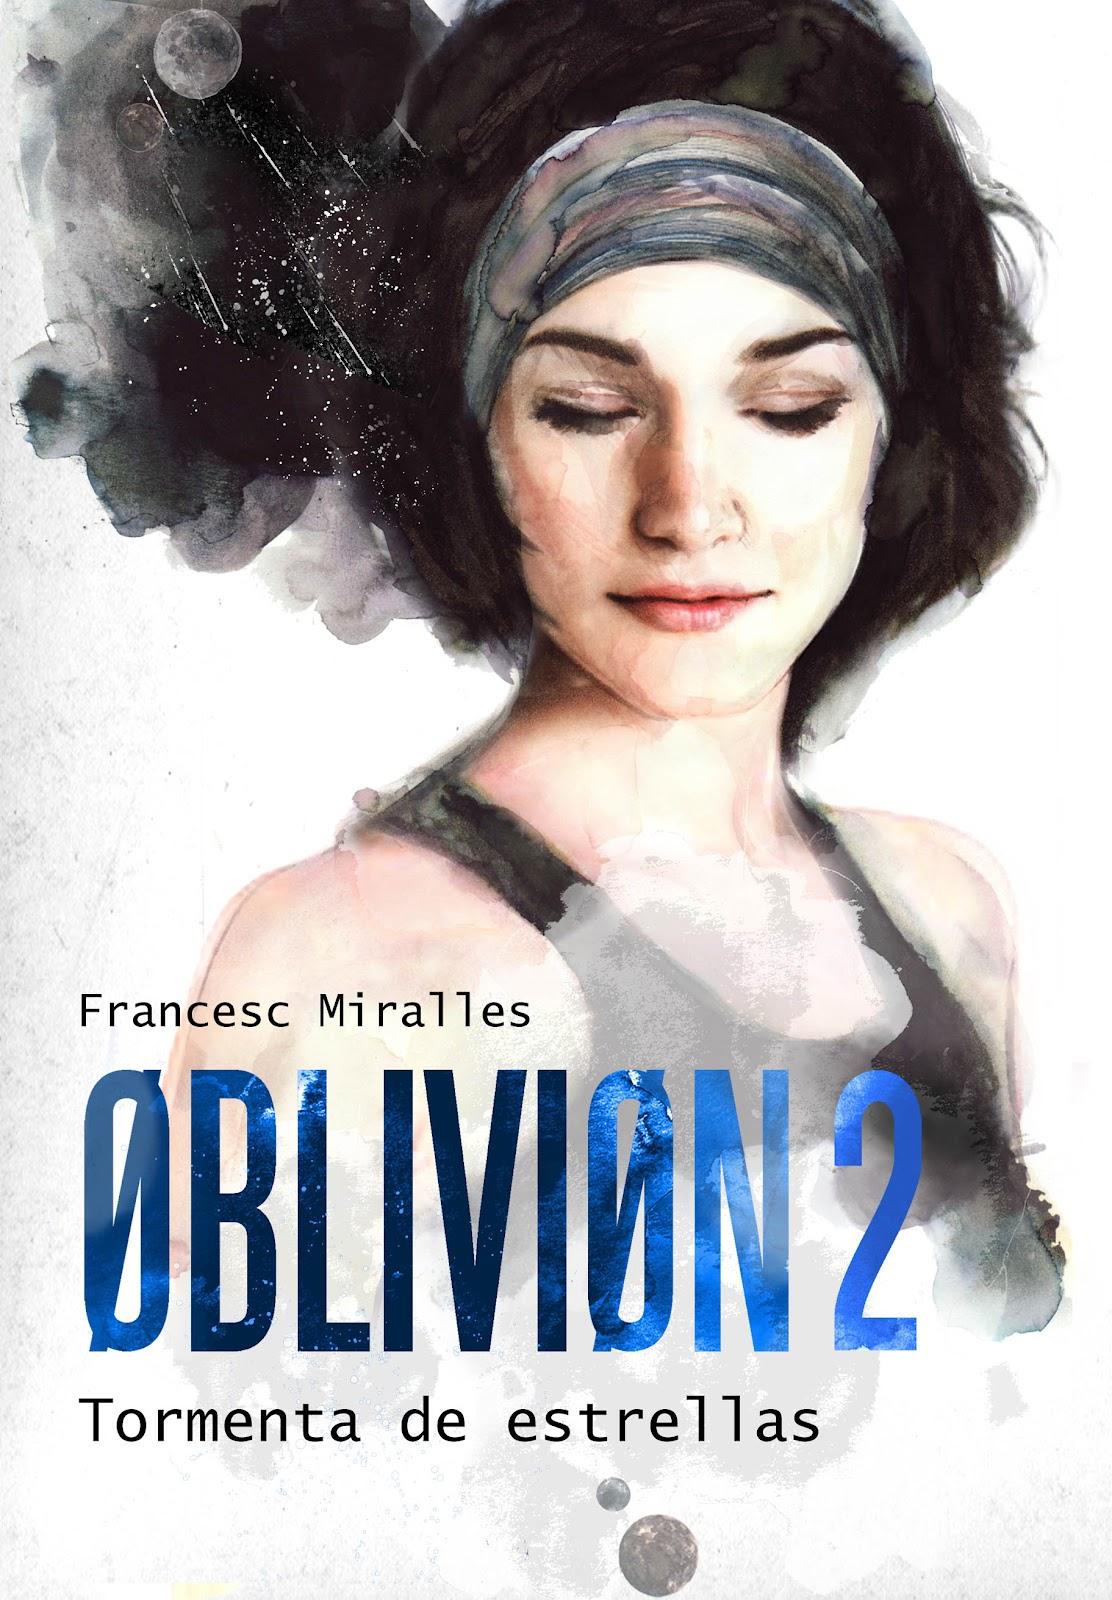 Portada del libro Oblivion 2: Tormenta de estrellas, de Francesc Miralles